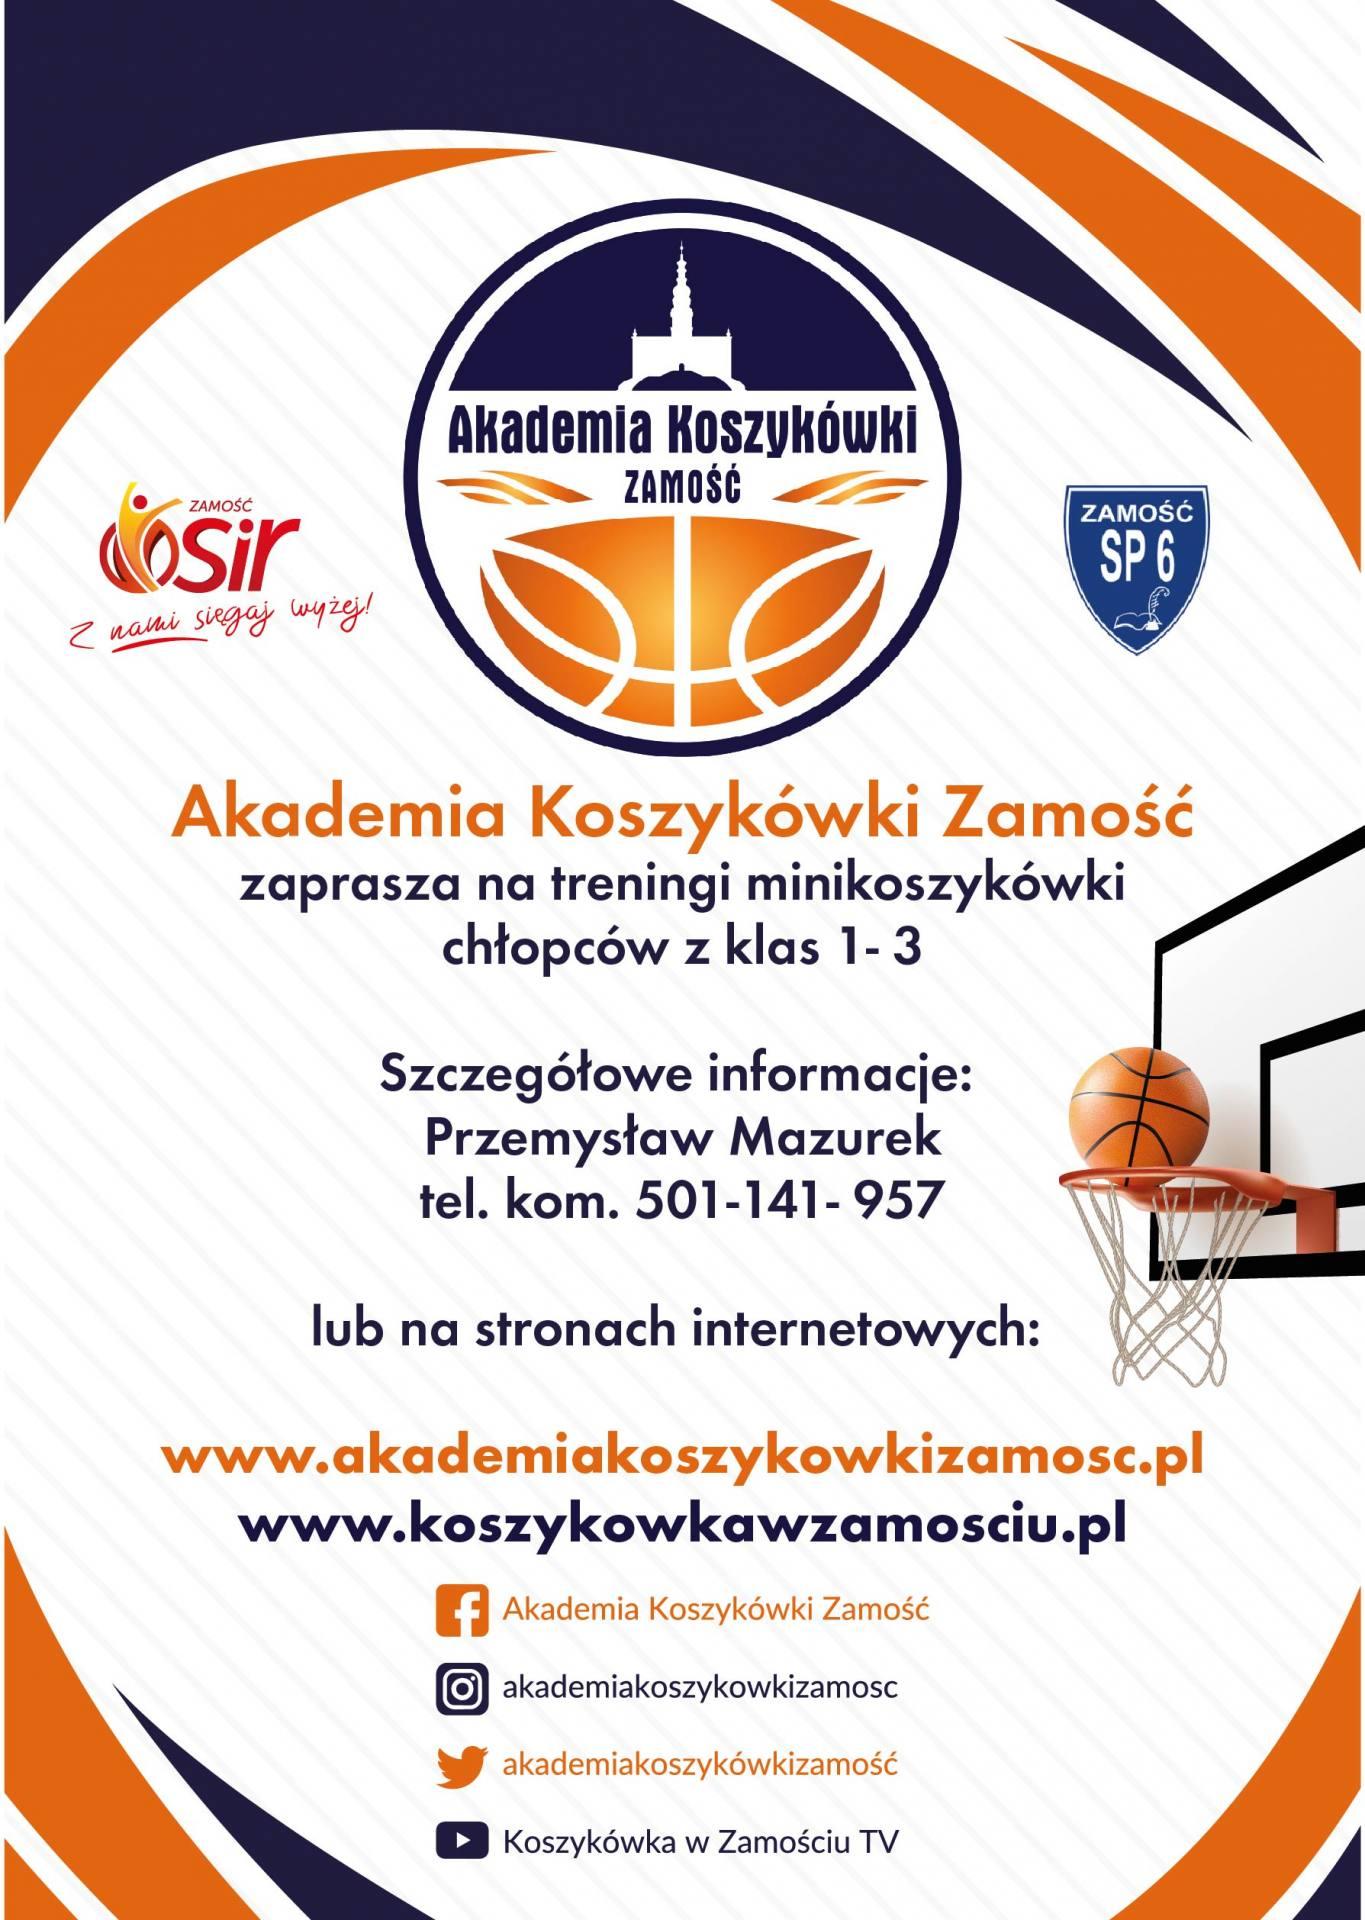 akz nabor klasy 1 3 Akademia Koszykówki Zamość zaprasza na treningi